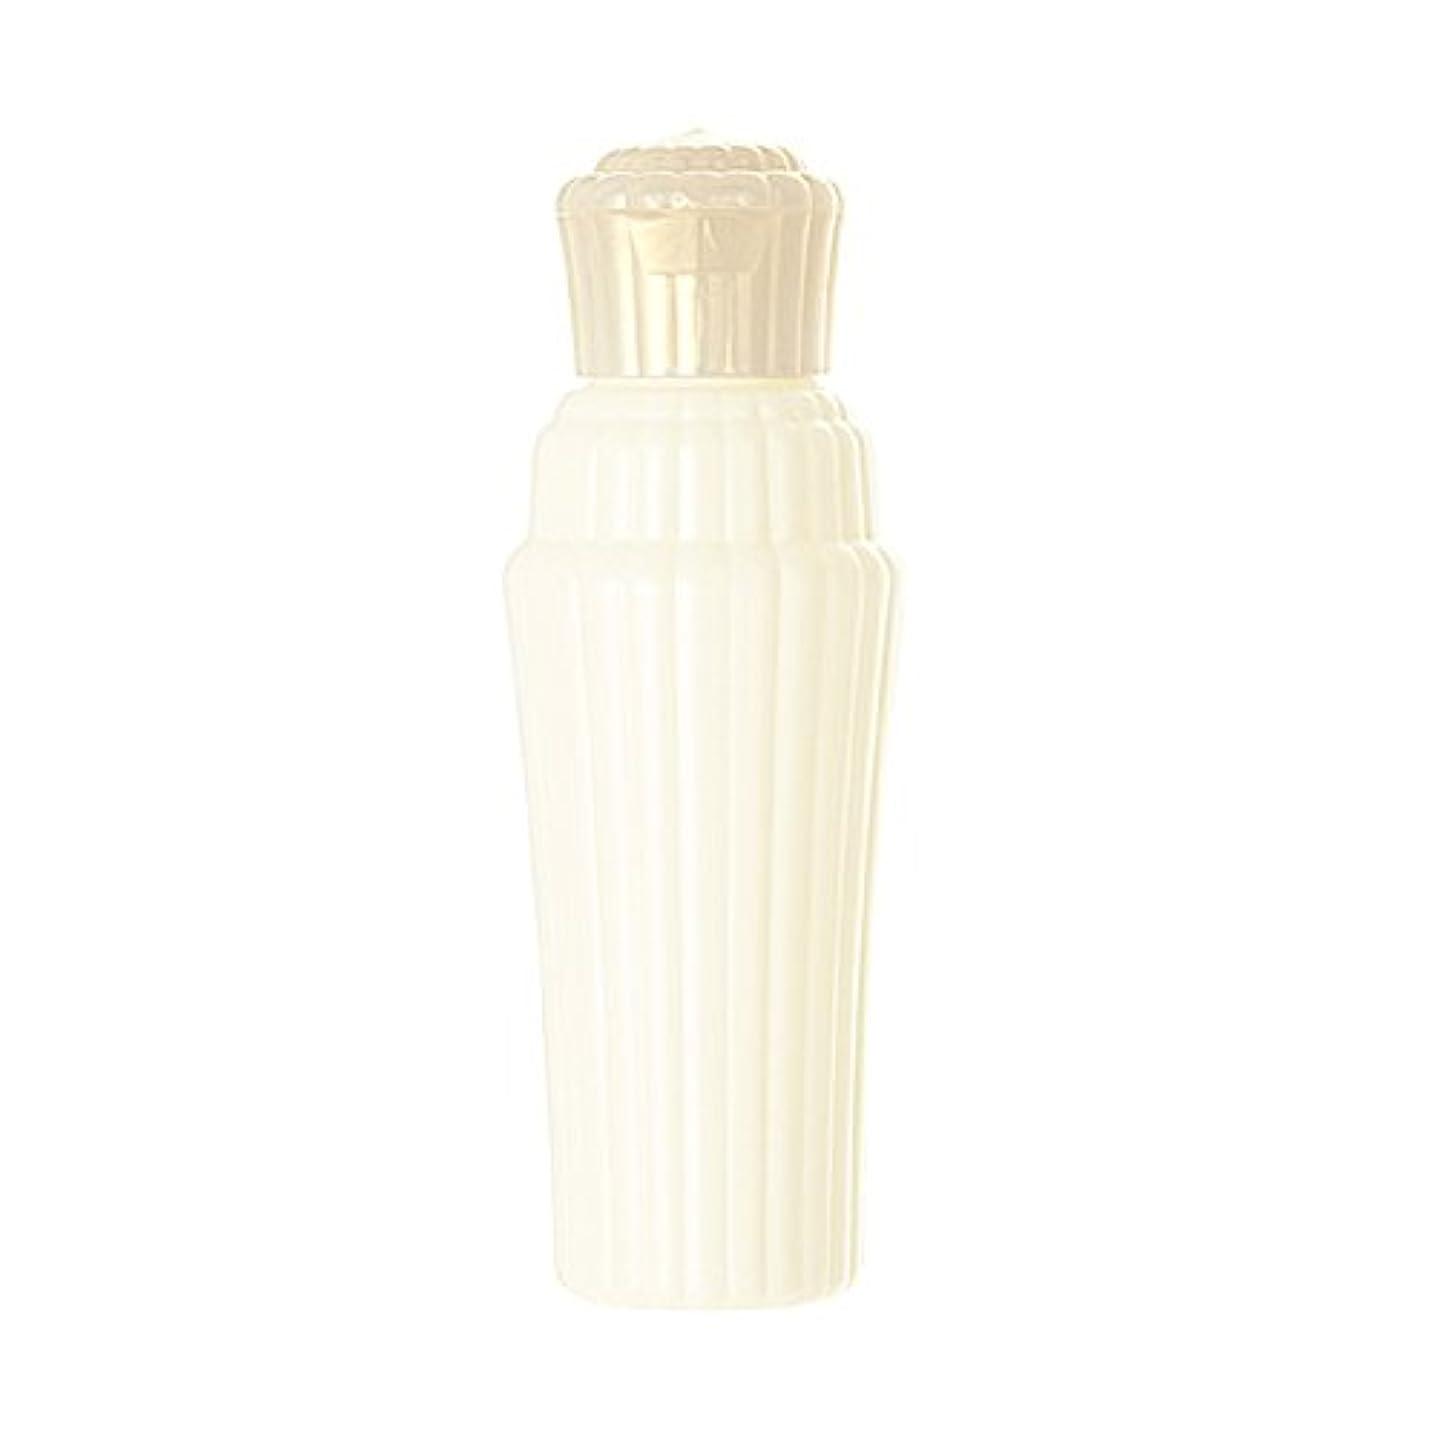 アカデミーにじみ出るアシスタントアユーラ (AYURA) クリアフォーミングミルク 150mL 〈ミルク状洗顔料〉